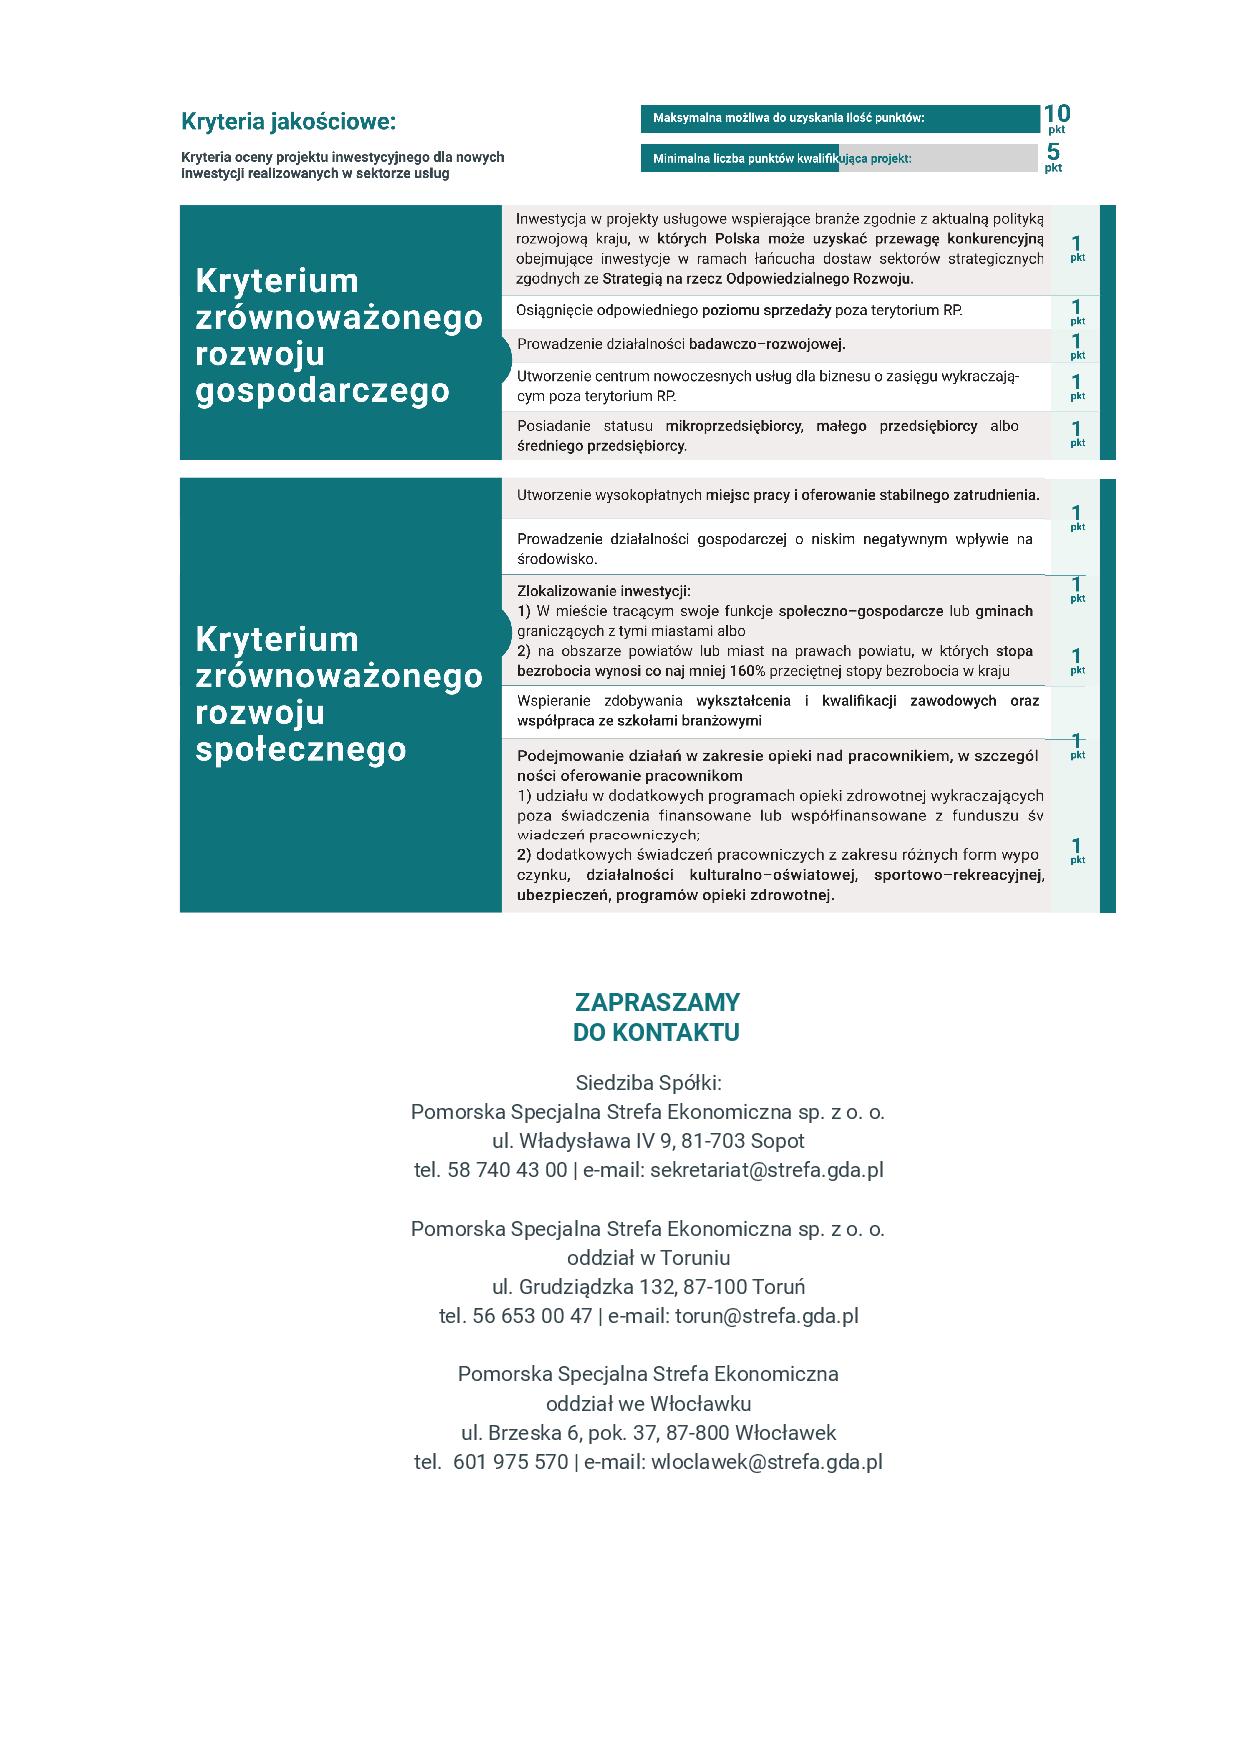 informacja o PSSE.pdf3